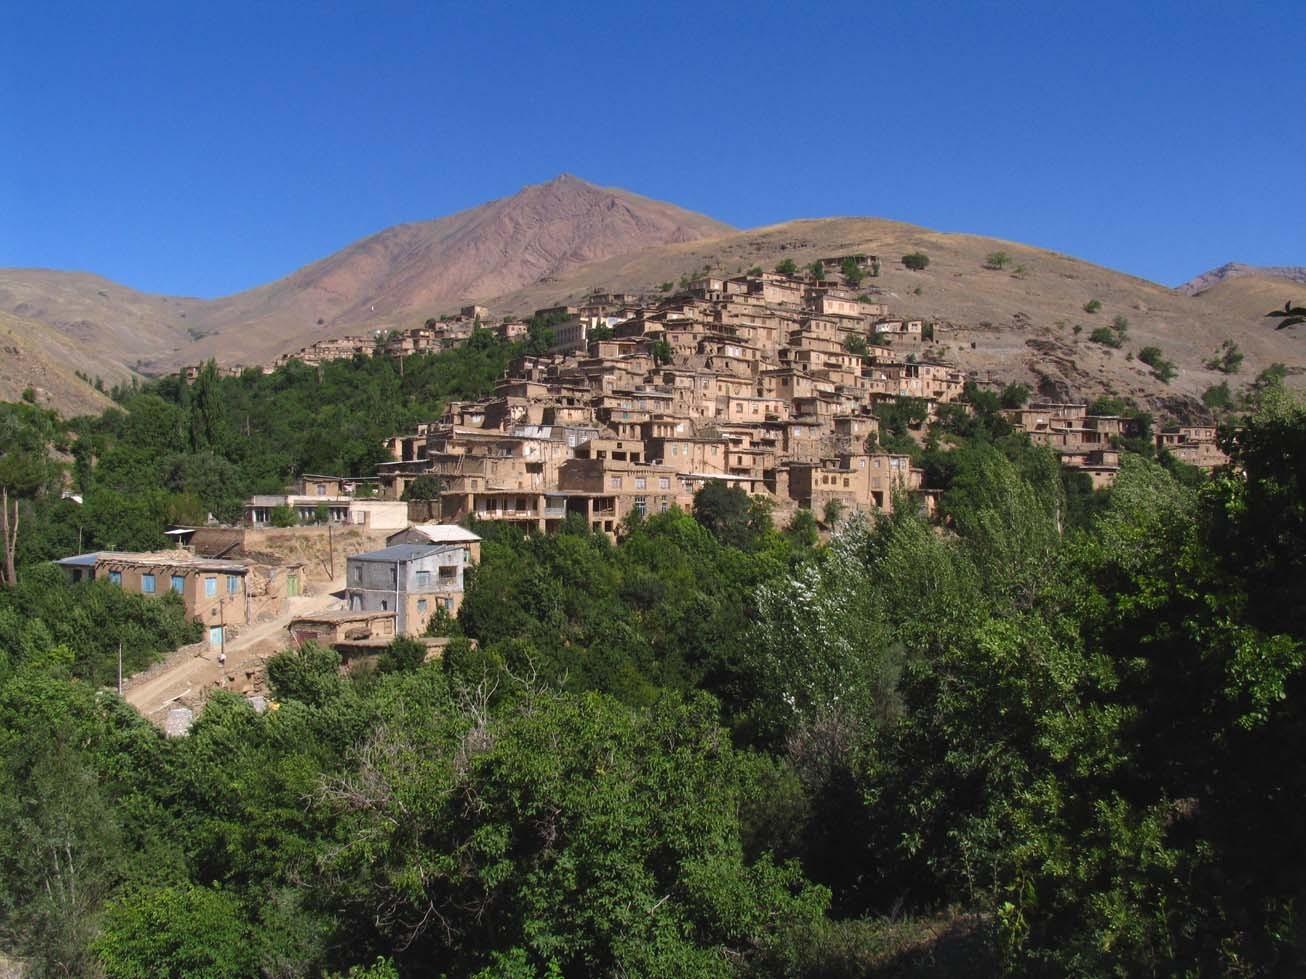 جاذبه های گردشگری روستای دیزباد نیشابور